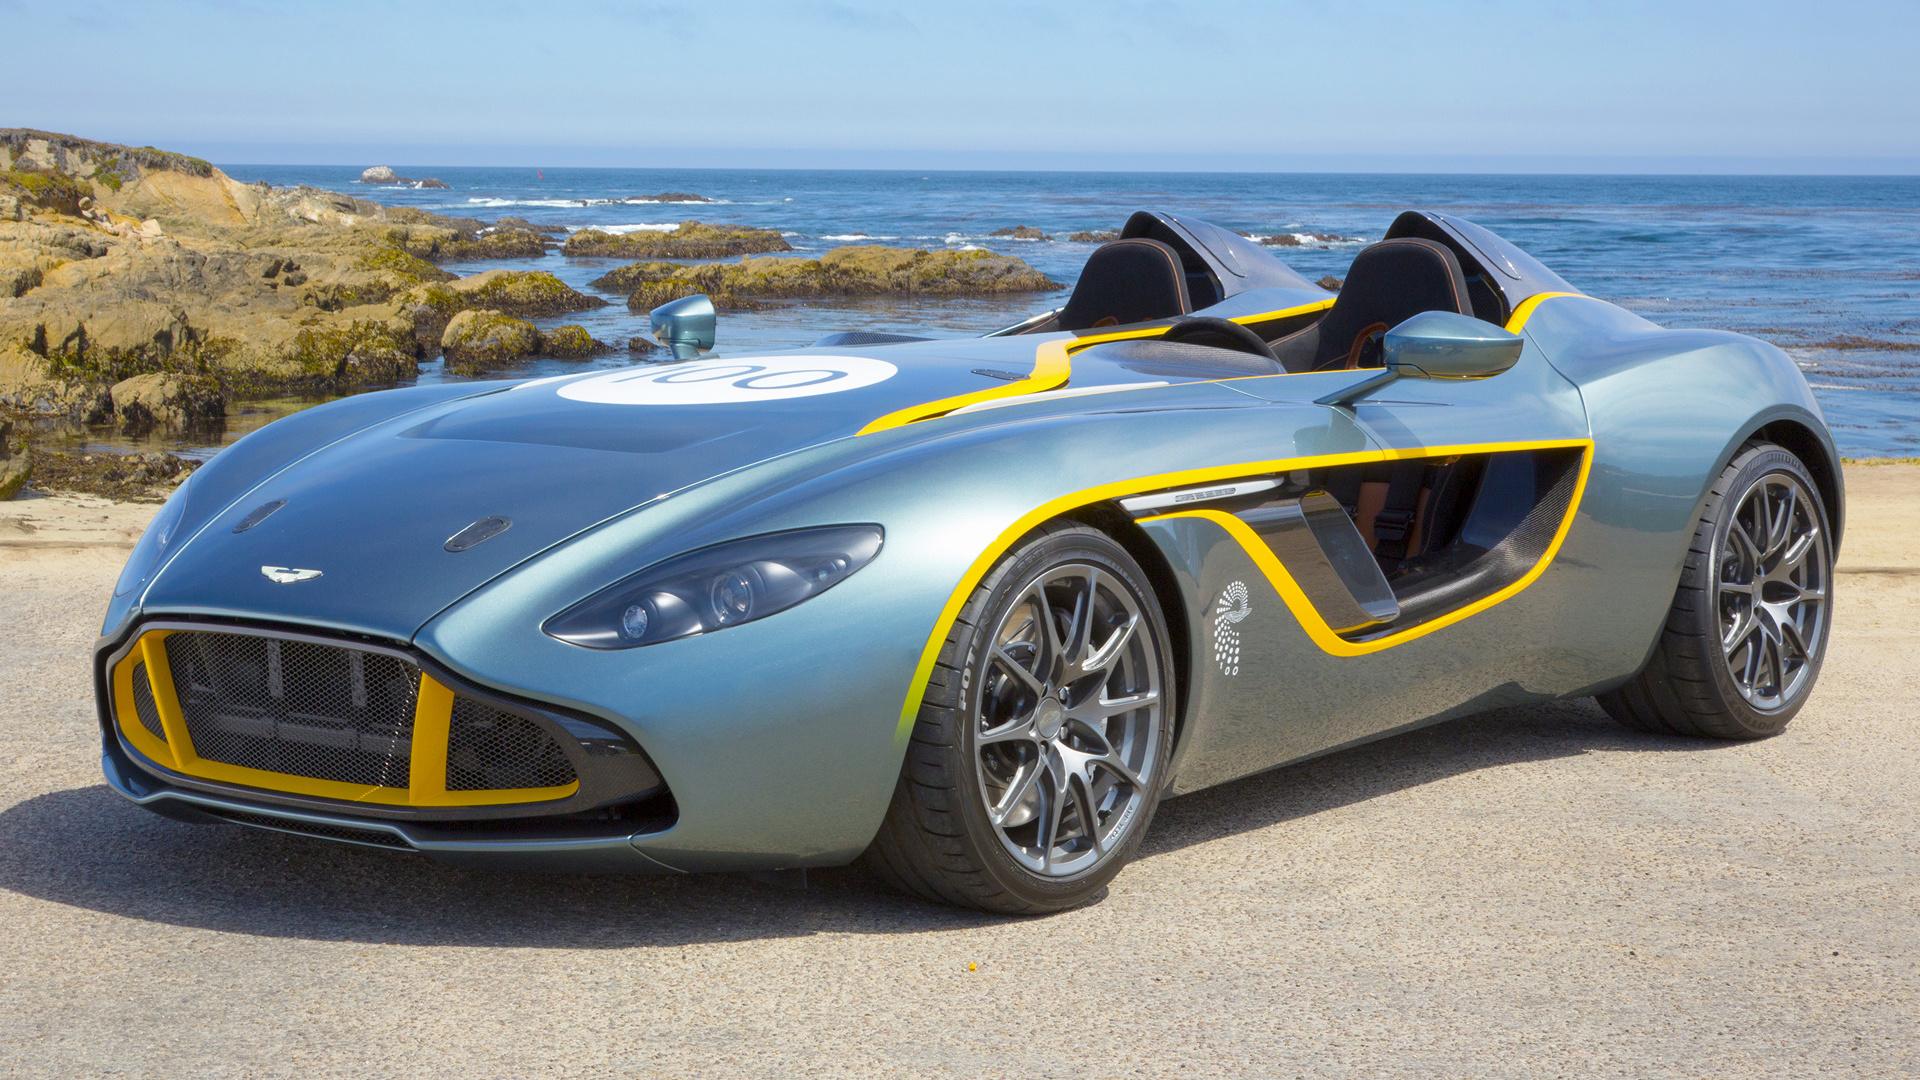 Aston Martin V12 Zagato >> 2013 Aston Martin CC100 Speedster Concept - Wallpapers and ...